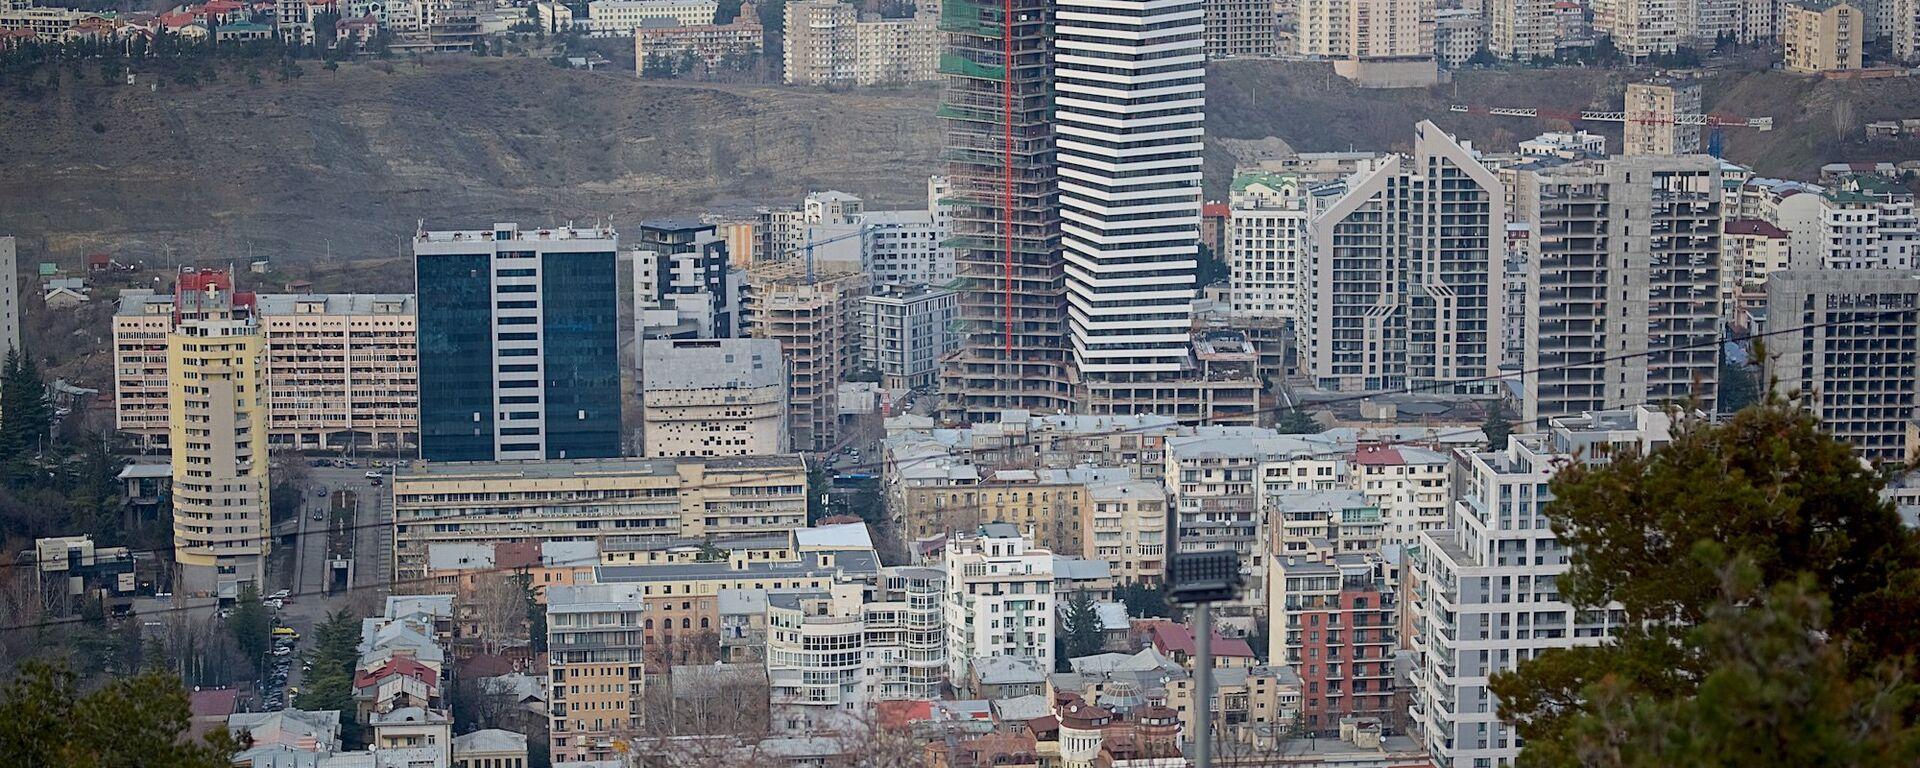 მშენებლობები თბილისში - Sputnik საქართველო, 1920, 20.10.2020